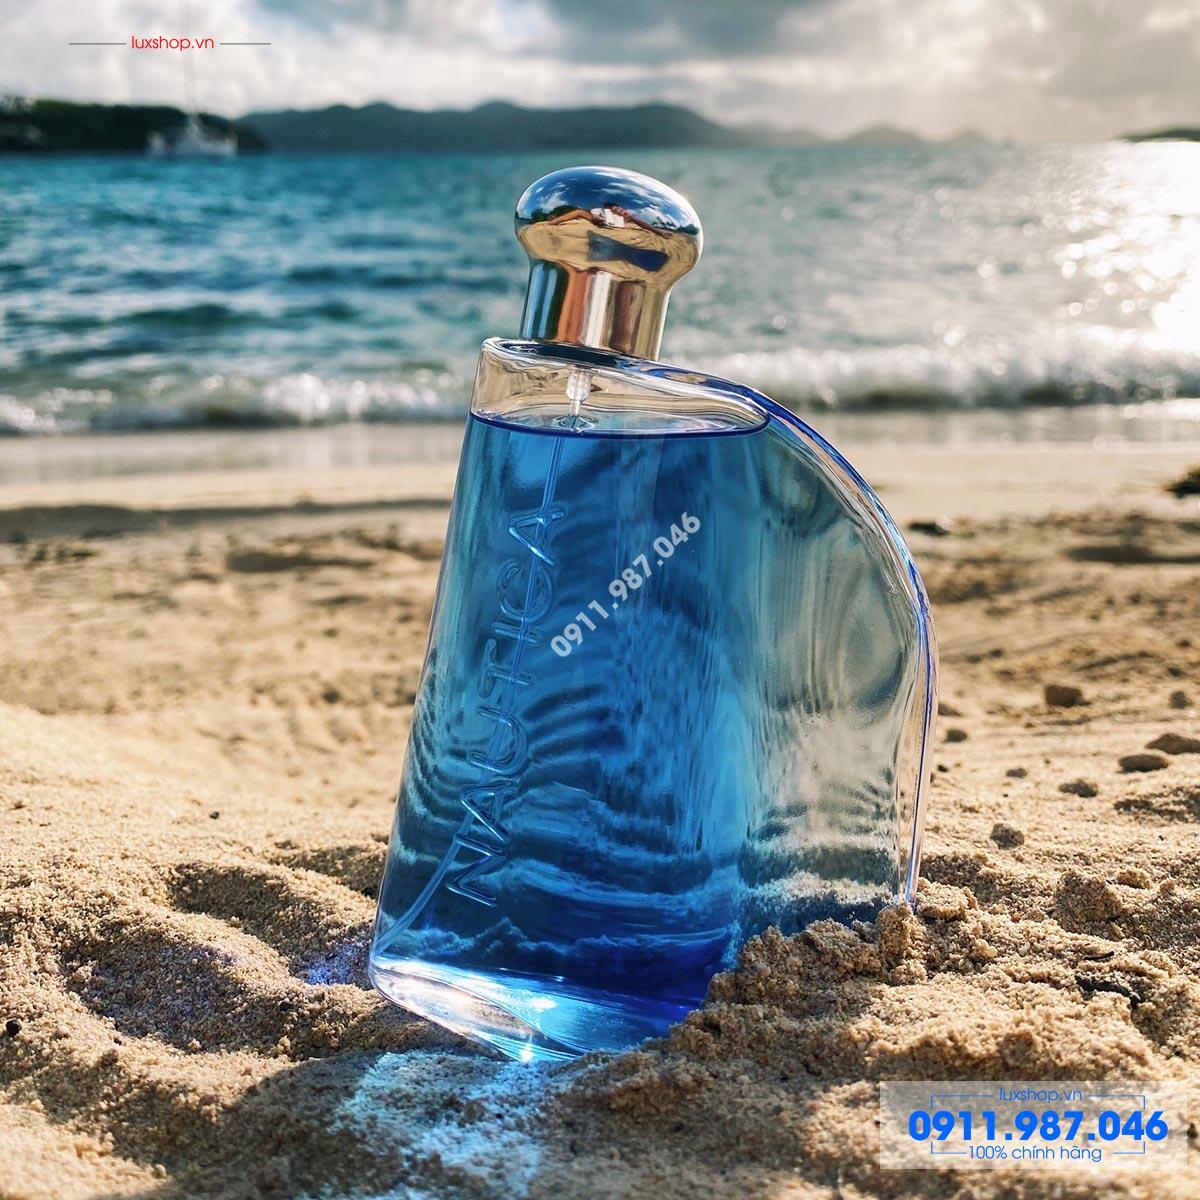 Nước hoa nam Nautica Blue EDT 100ml chính hãng (Mỹ)